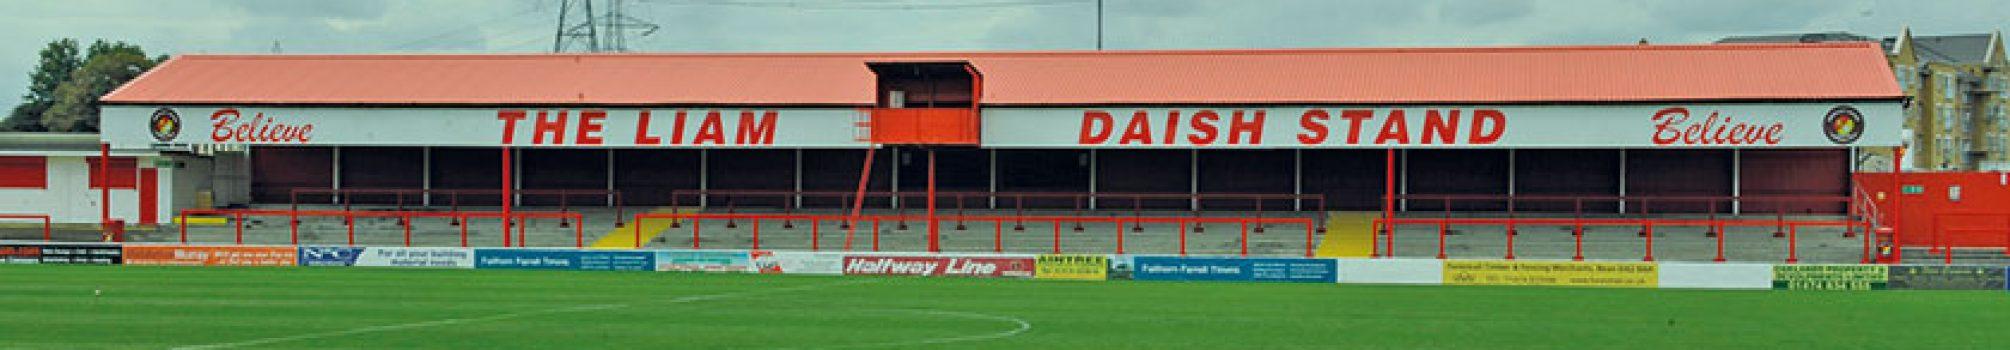 daish-stand